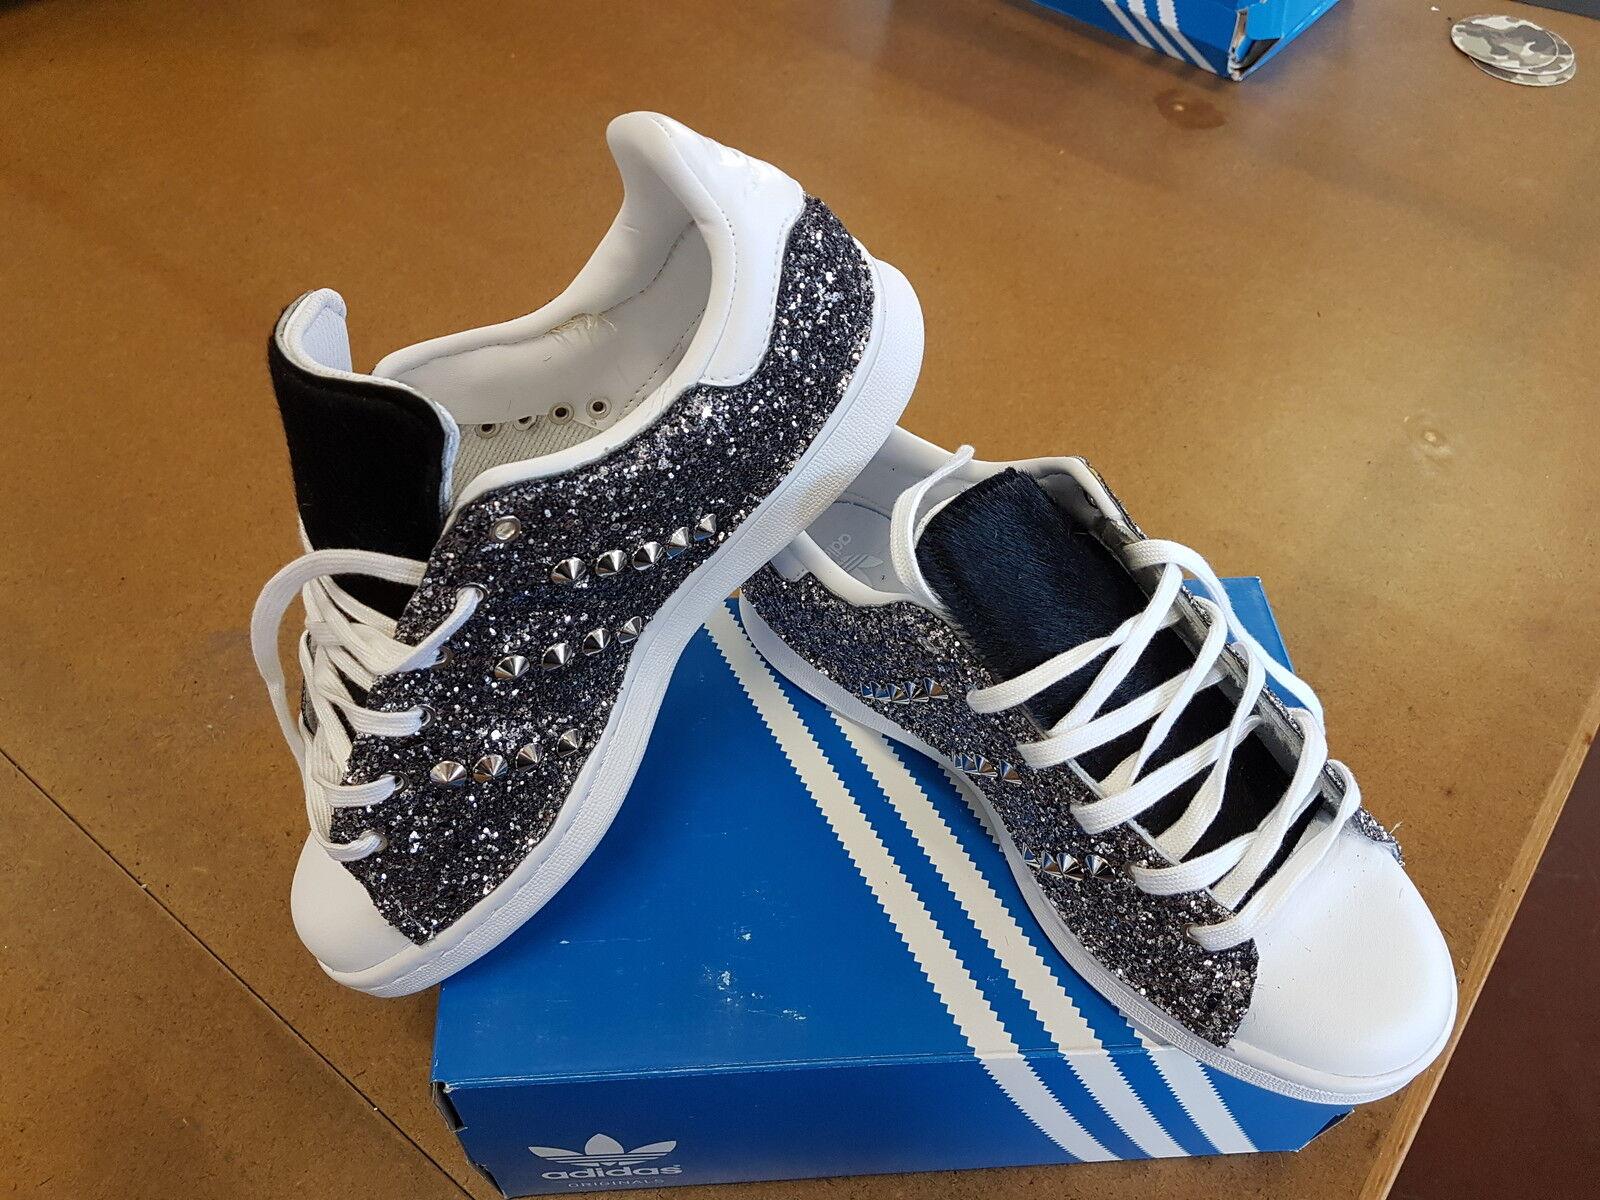 scarpe adidas stan smith con glitter grigio argento ai lati e borchie argento grigio mentre lin d118c4